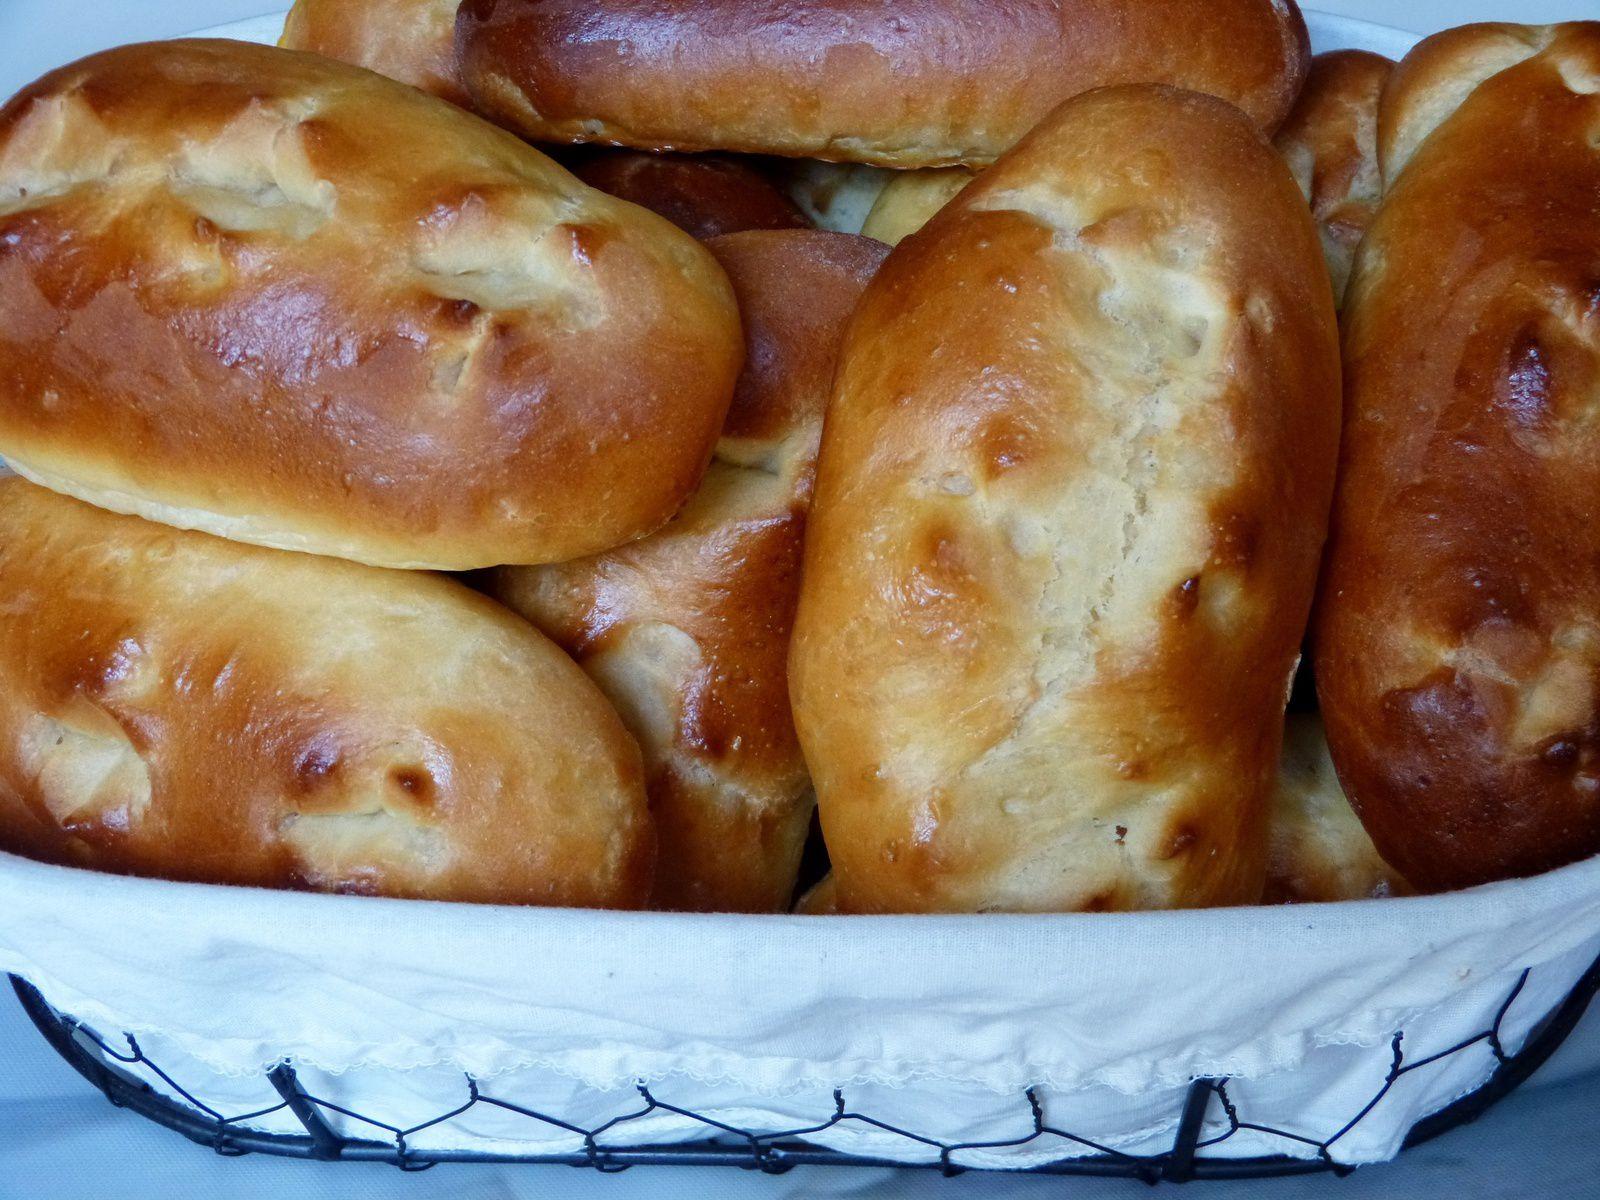 Petits pains moelleux au yaourt